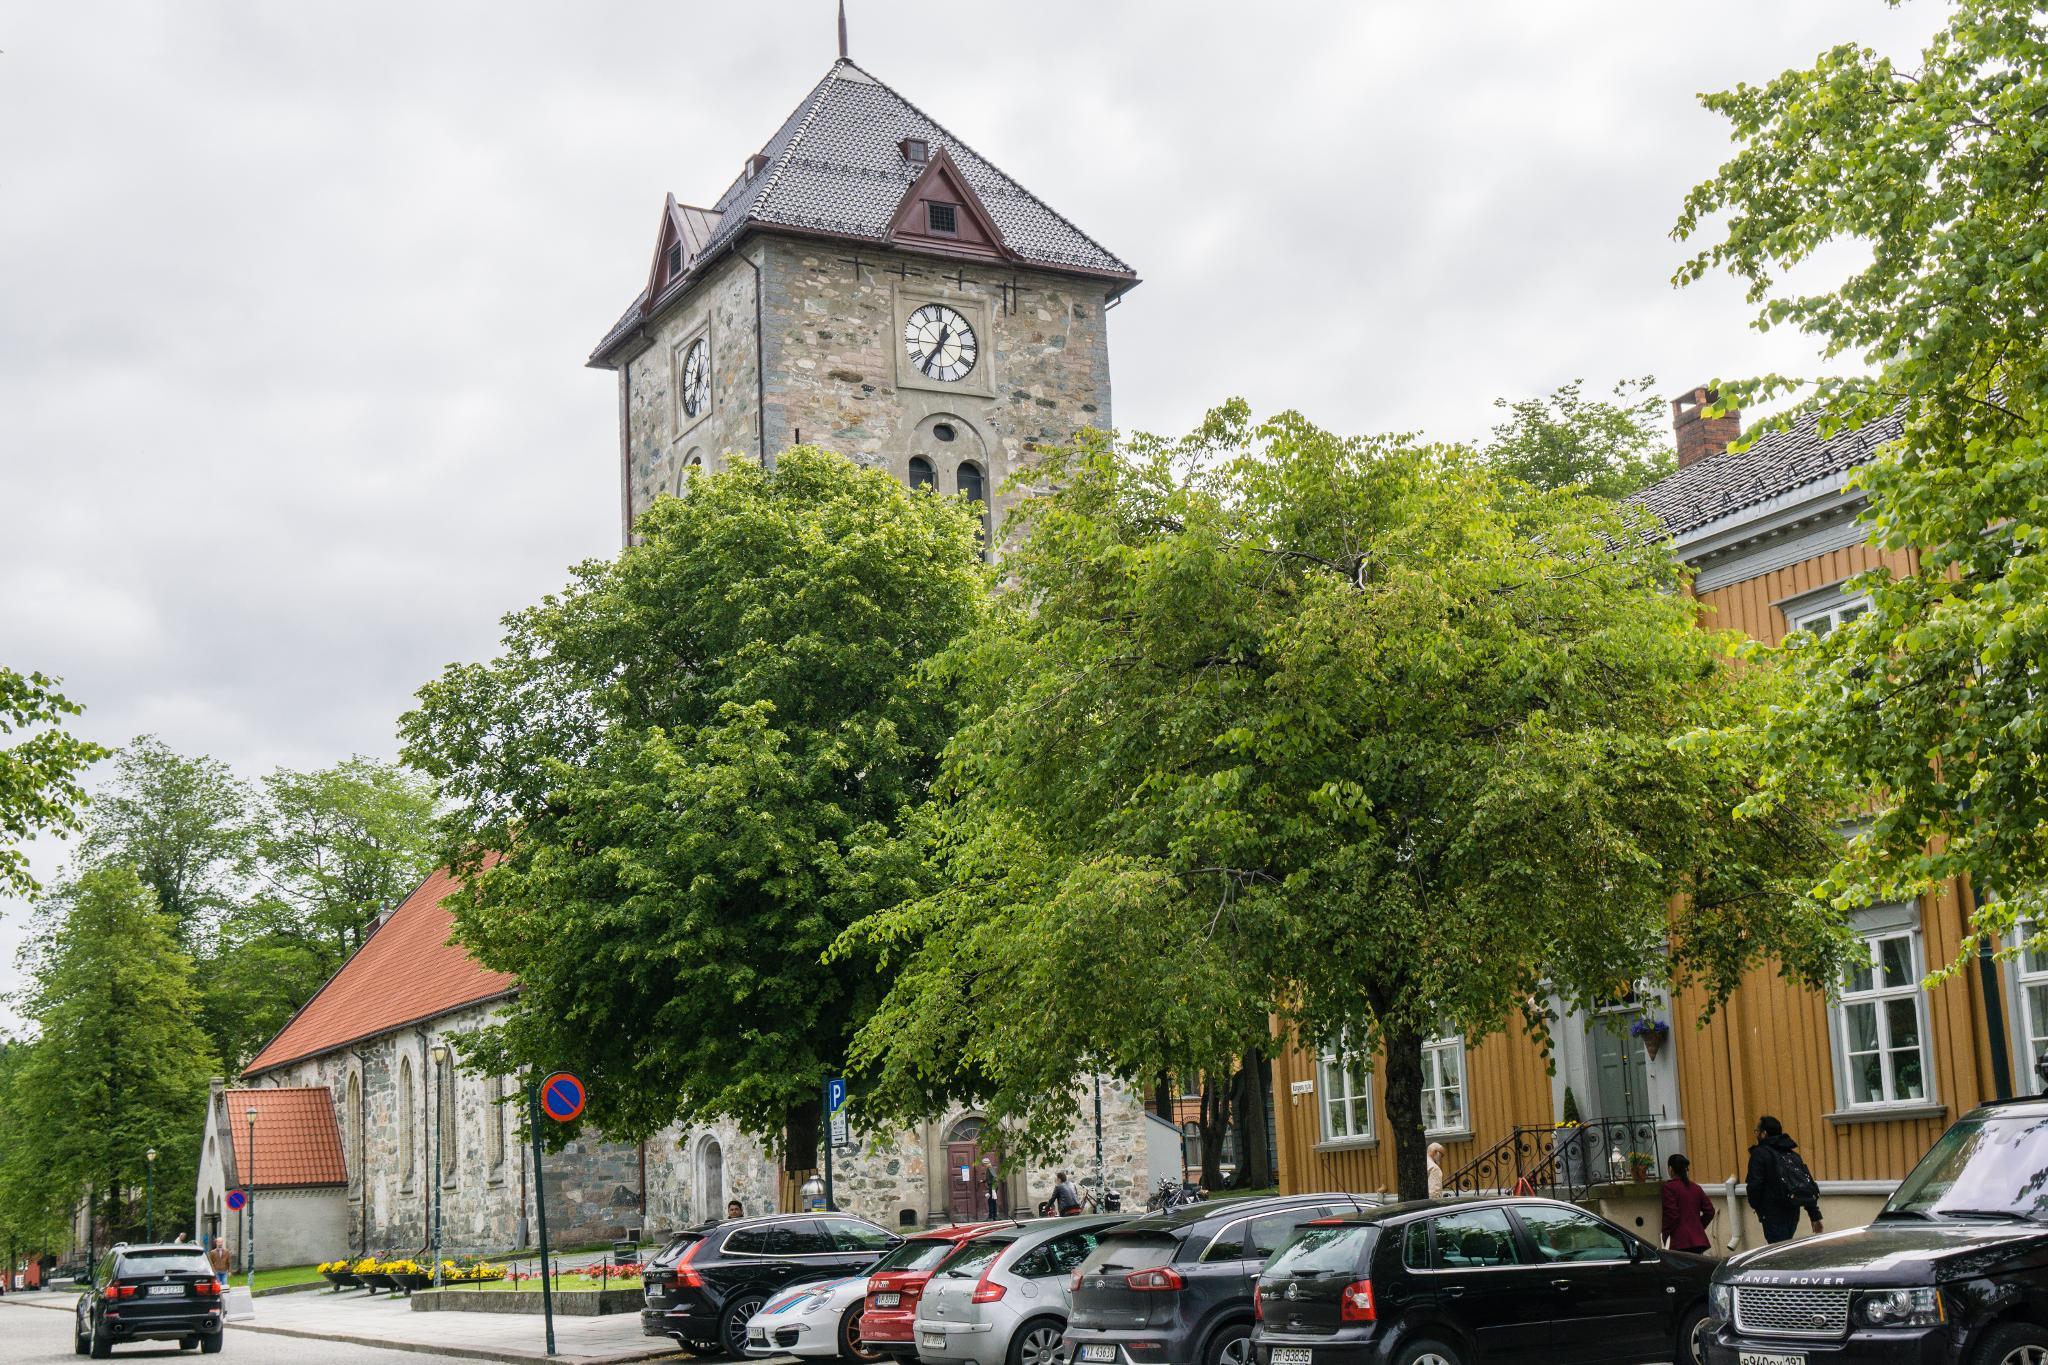 【北歐景點】拜訪維京王的千年古城 - Trondheim 特隆赫姆景點懶人包 27